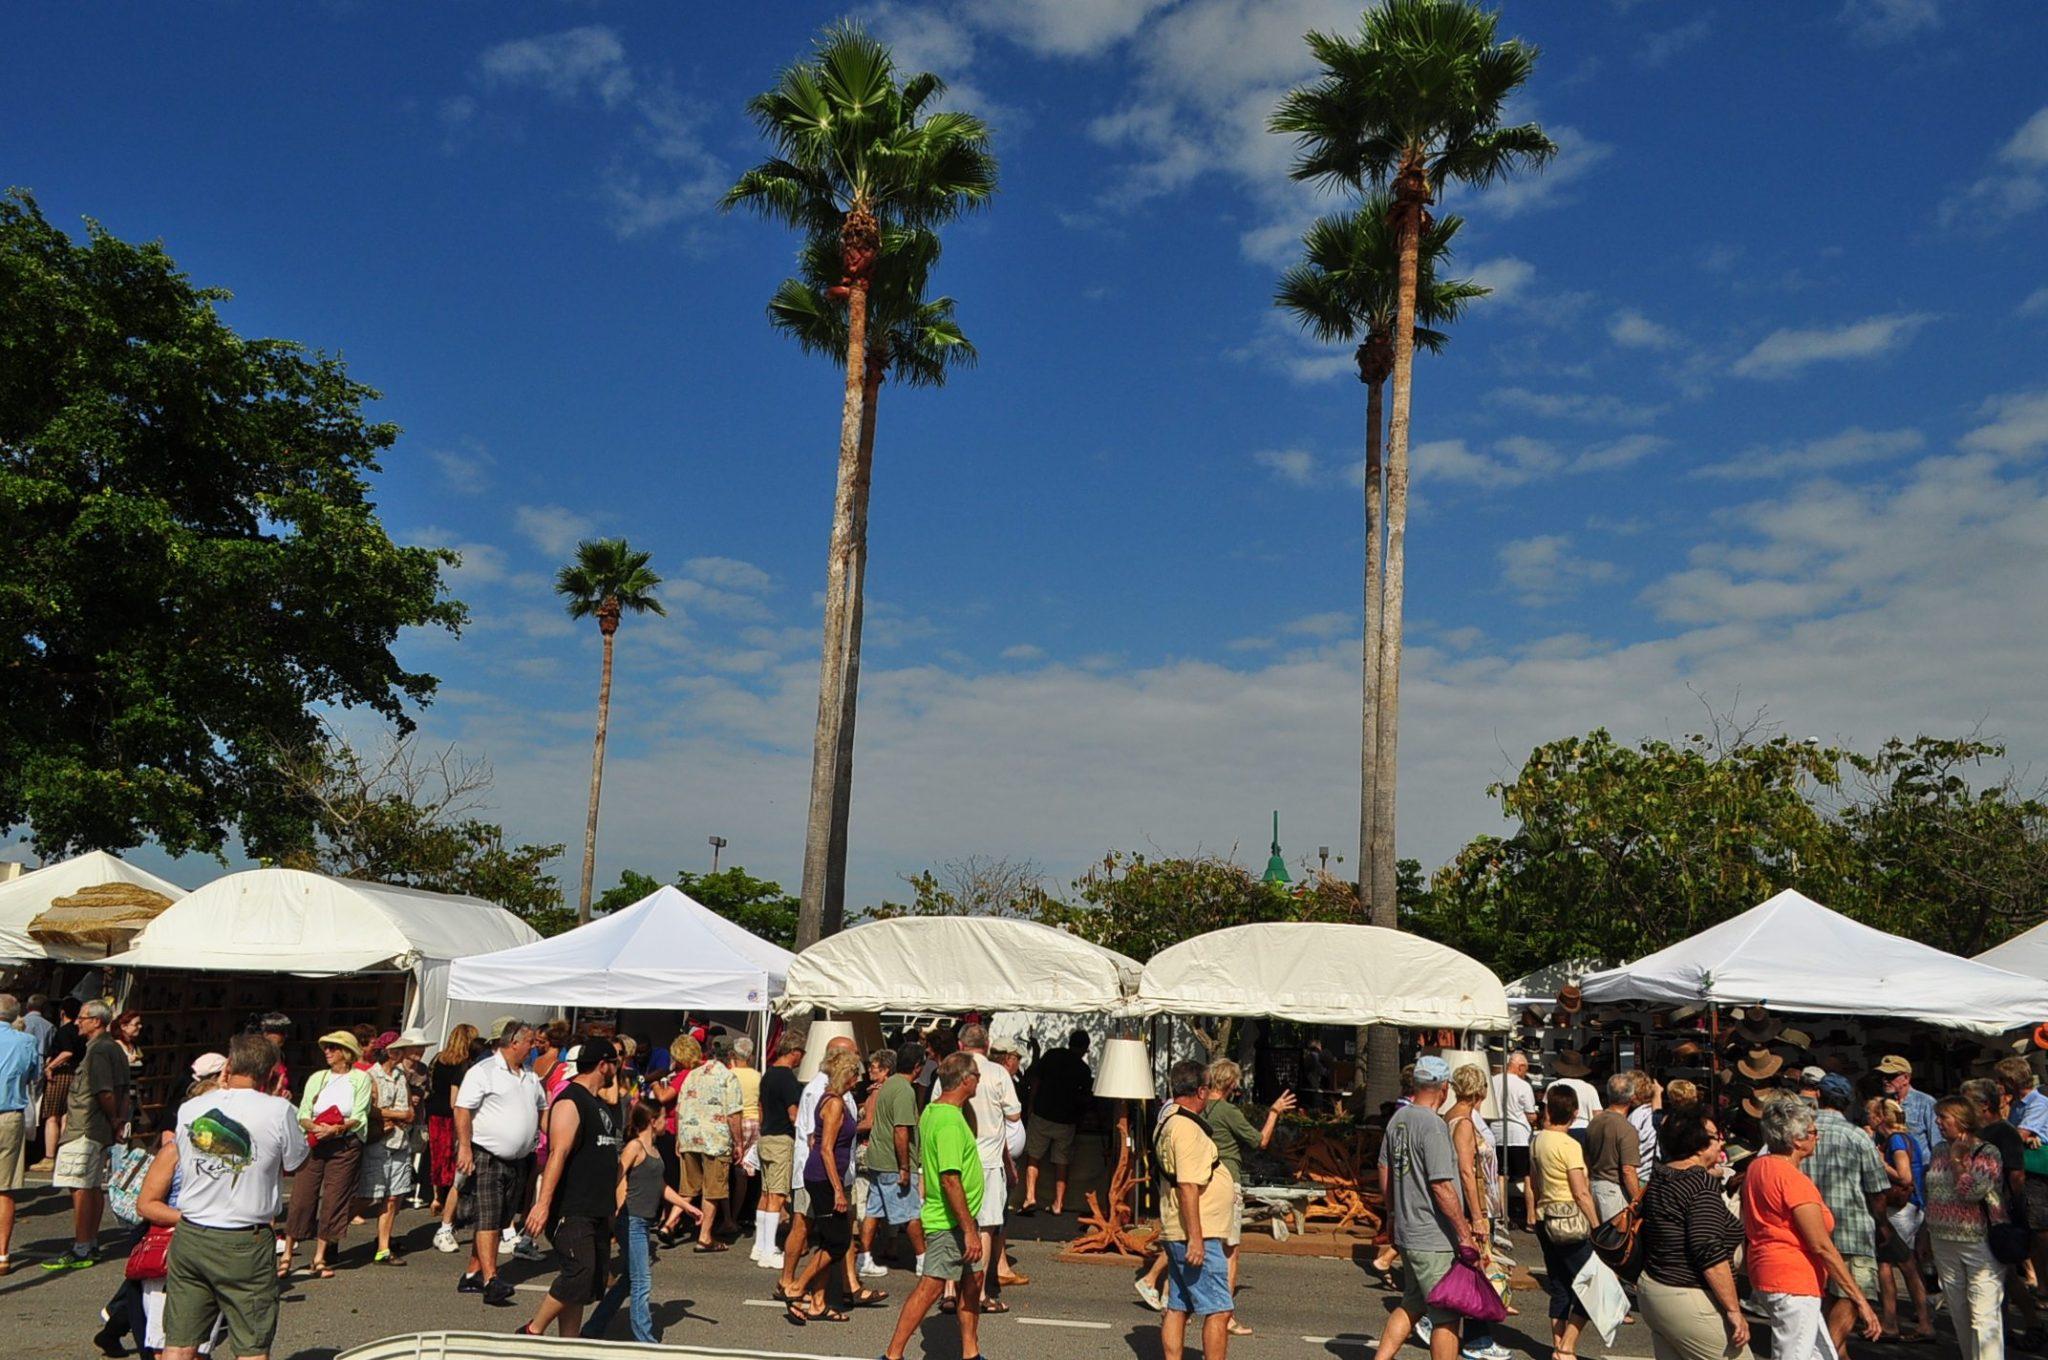 Cape Coral Arts & Crafts Festival